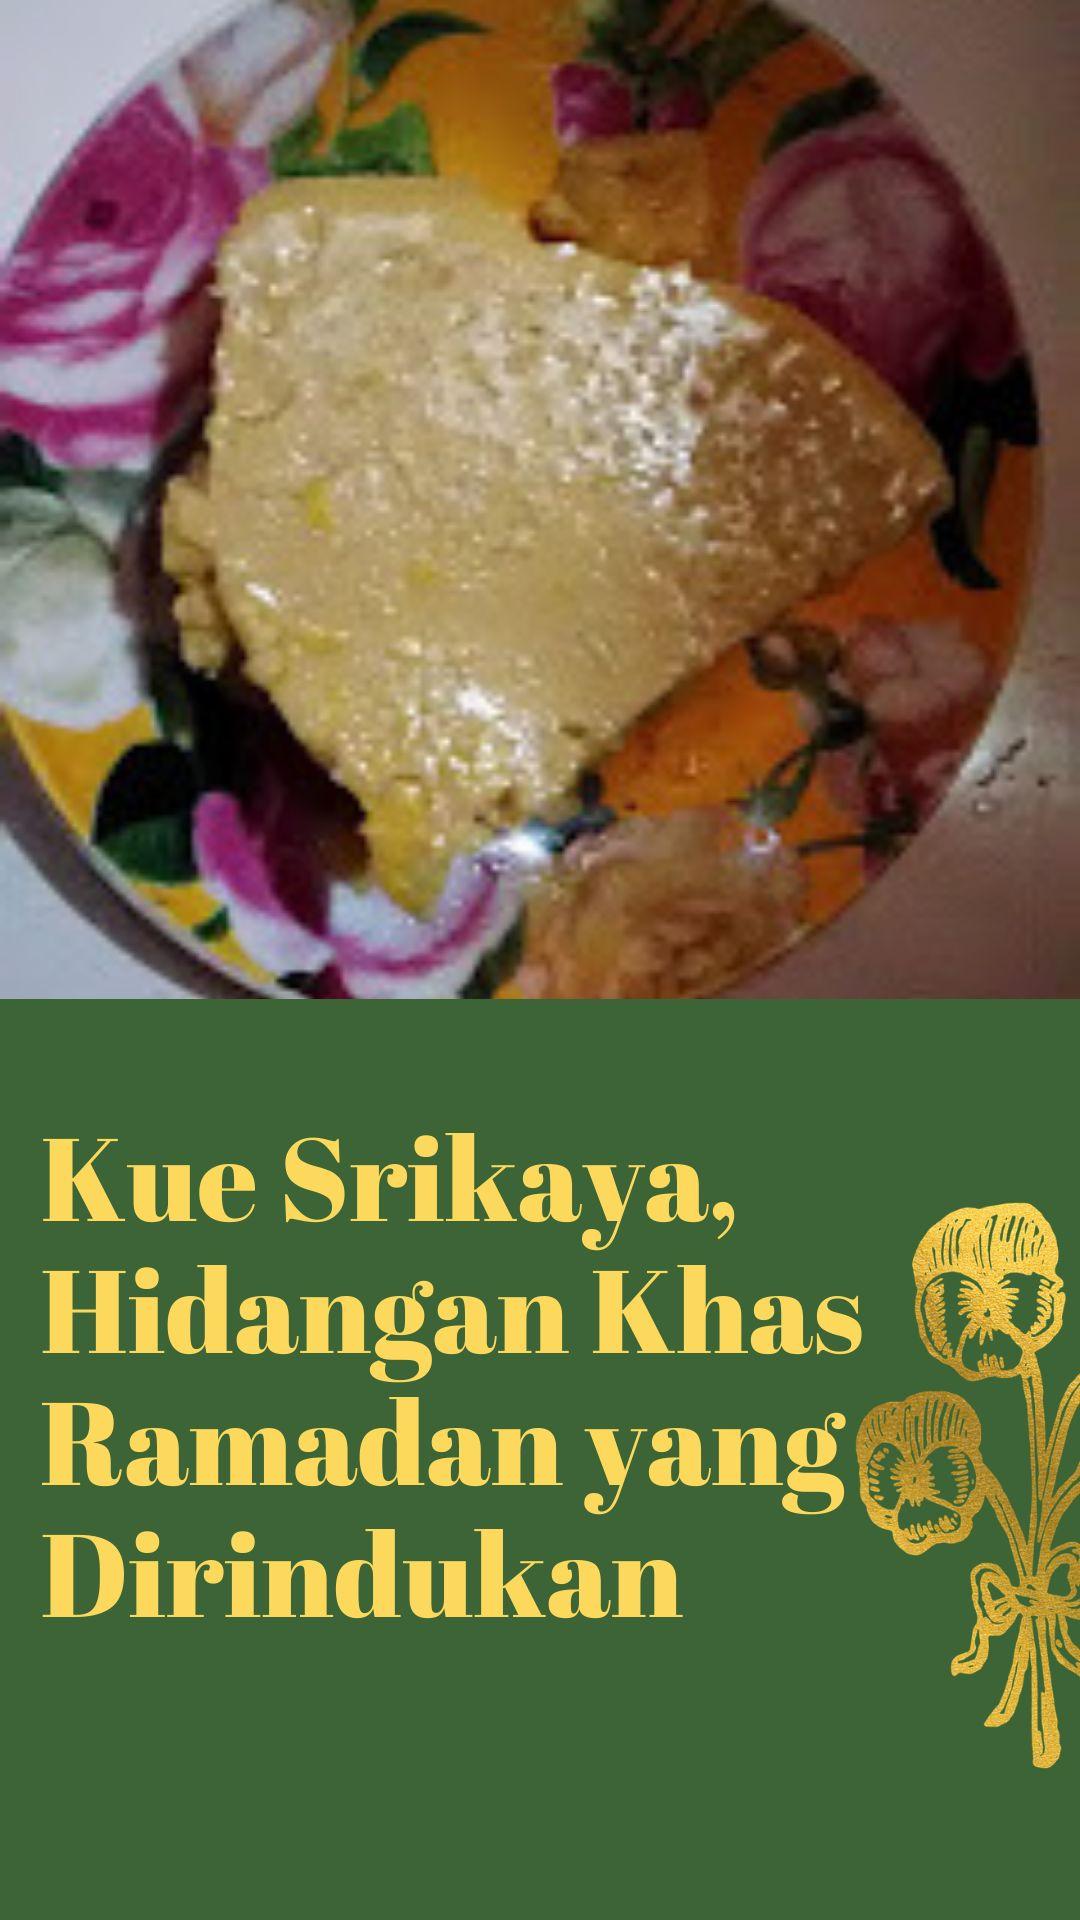 Kue Srikaya, Hidangan Khas Ramadan yang Dirindukan